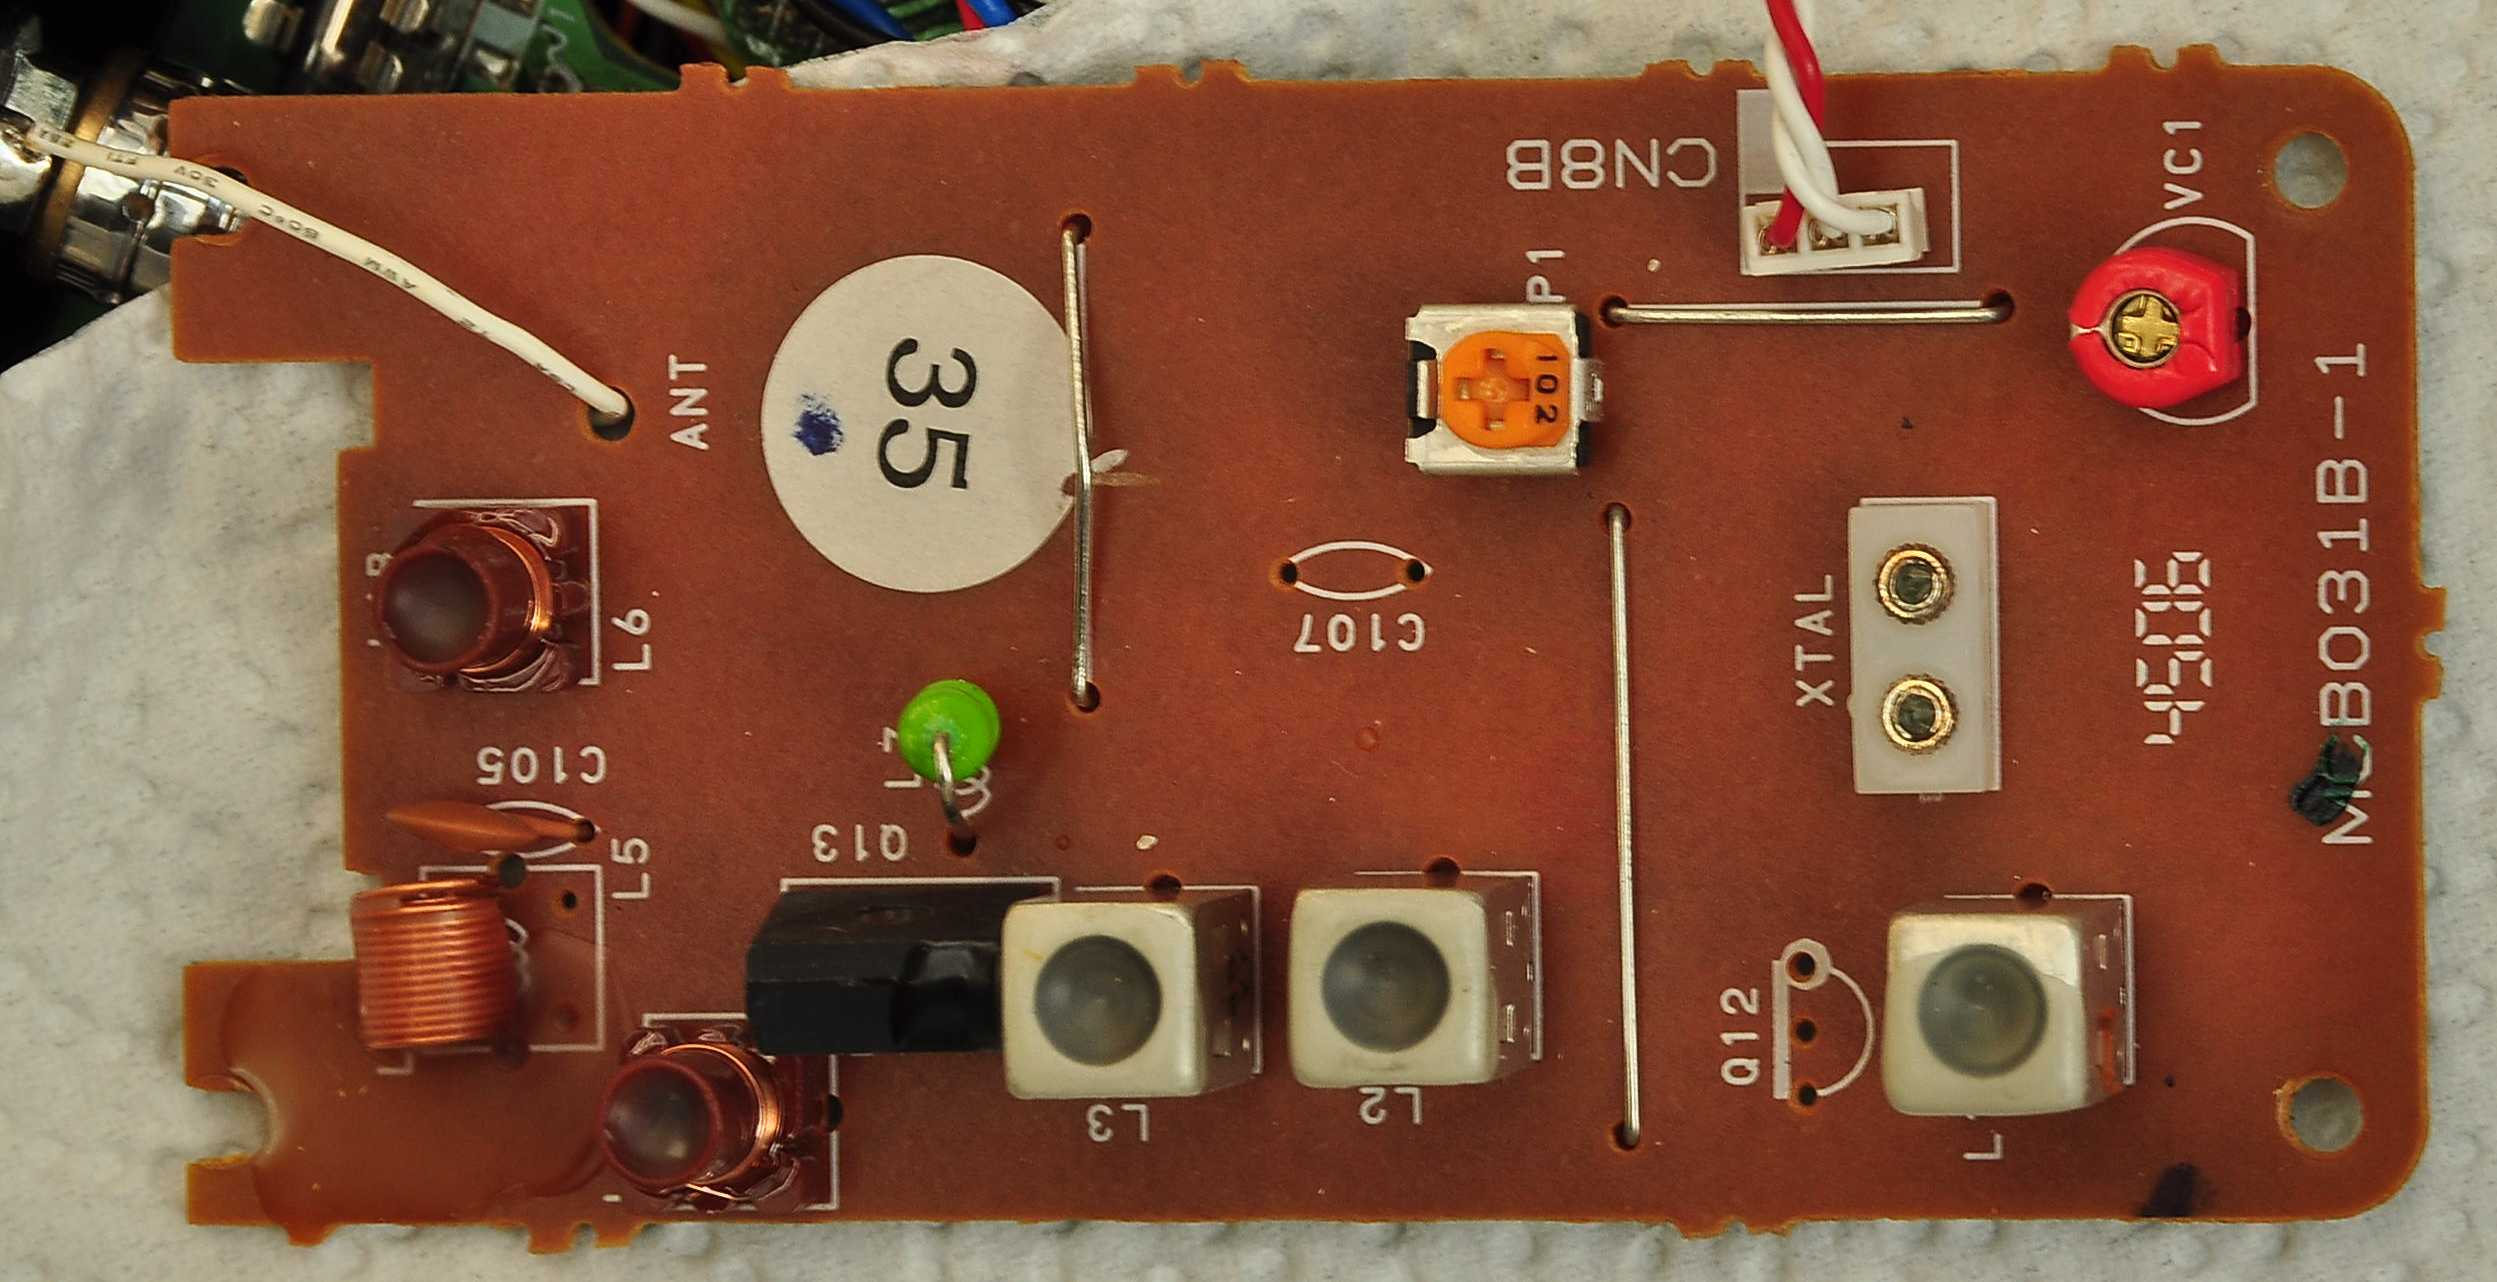 35Mhz Sender mit 1W Sendeleistung selber bauen. - Mikrocontroller.net